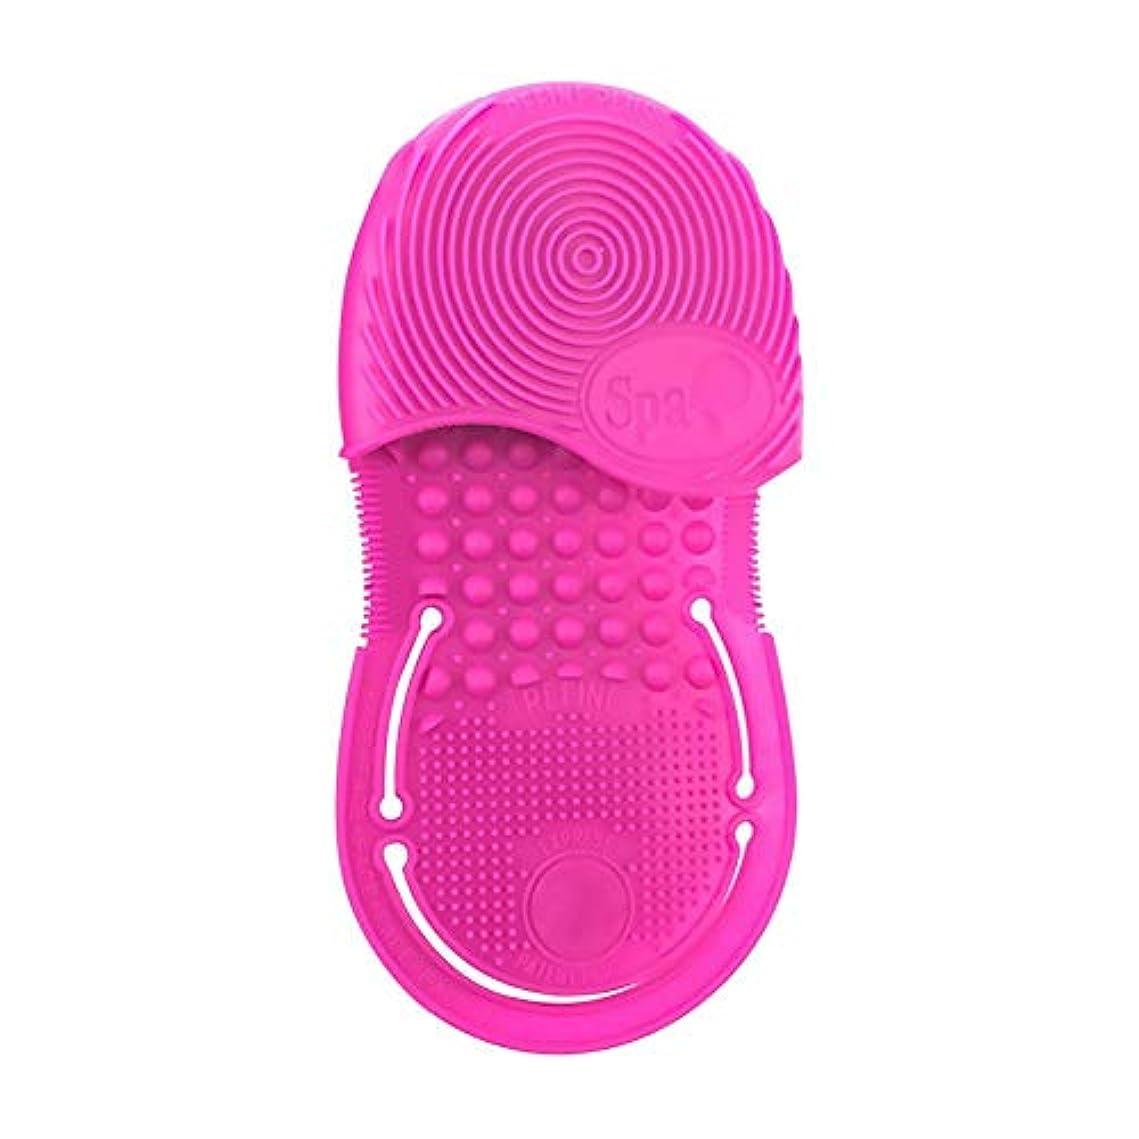 能力走る茎掃除用メイクアップ洗浄ブラシ、シリカ手袋スクラバーボード化粧品クリーンツール